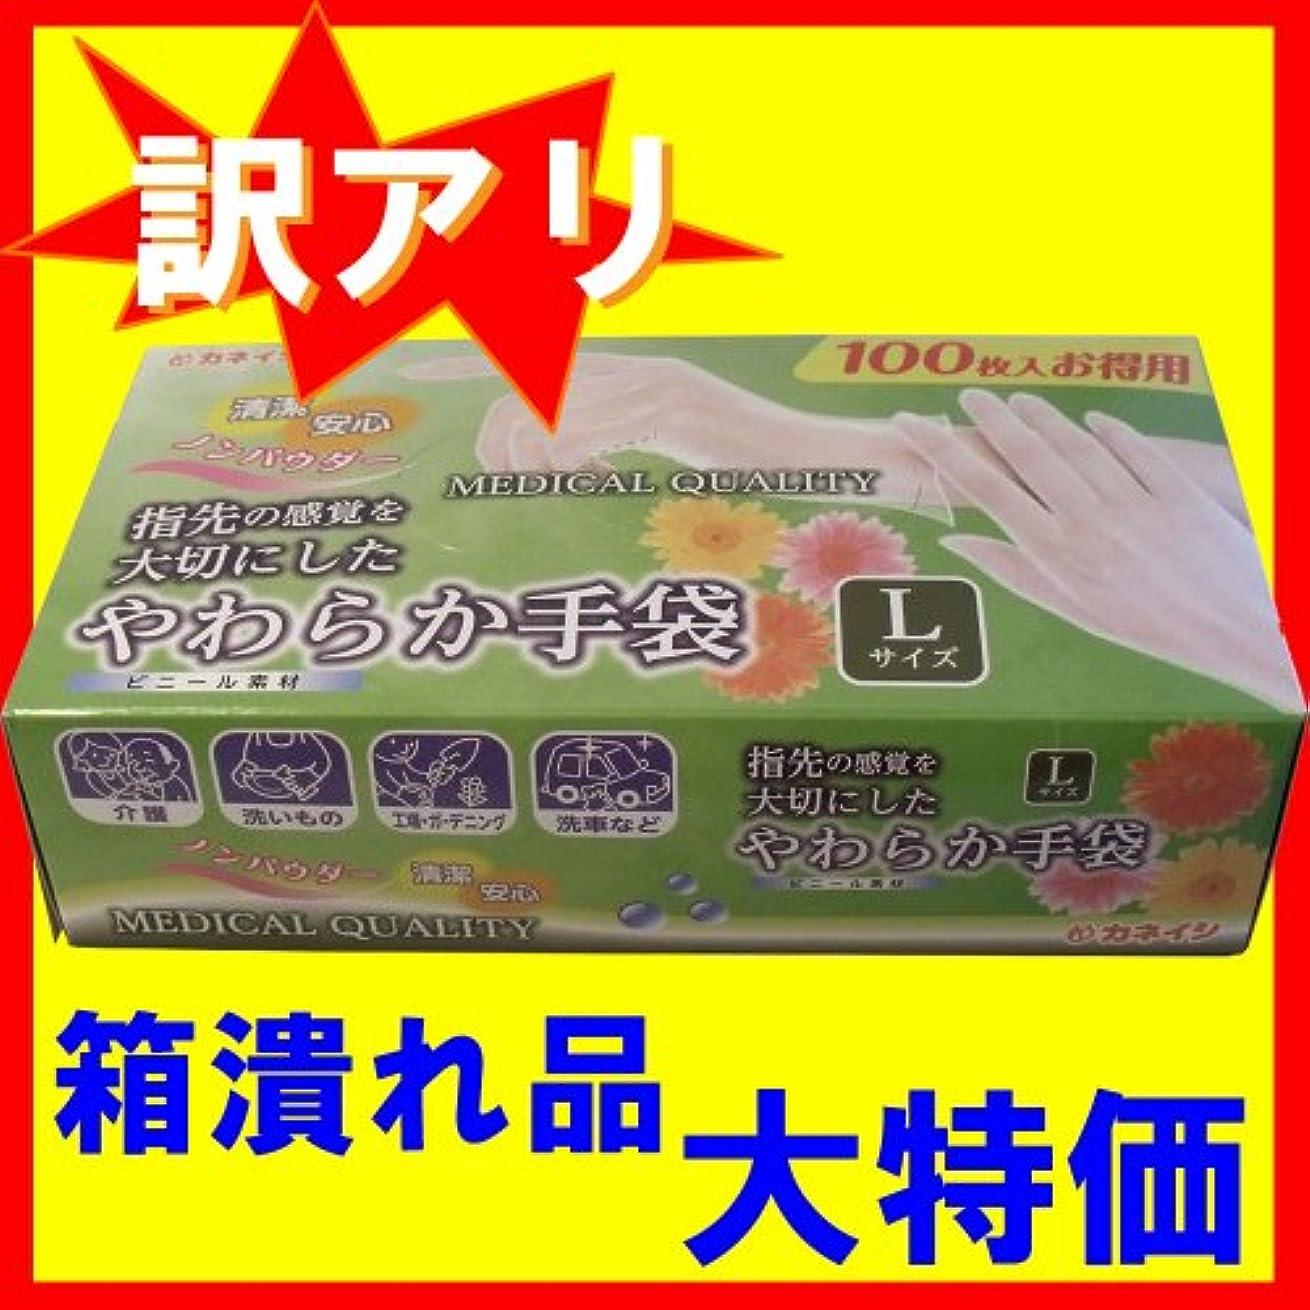 セミナーベイビー八百屋【訳アリ】 金石衛材 やわらか手袋 Lサイズ 100枚入